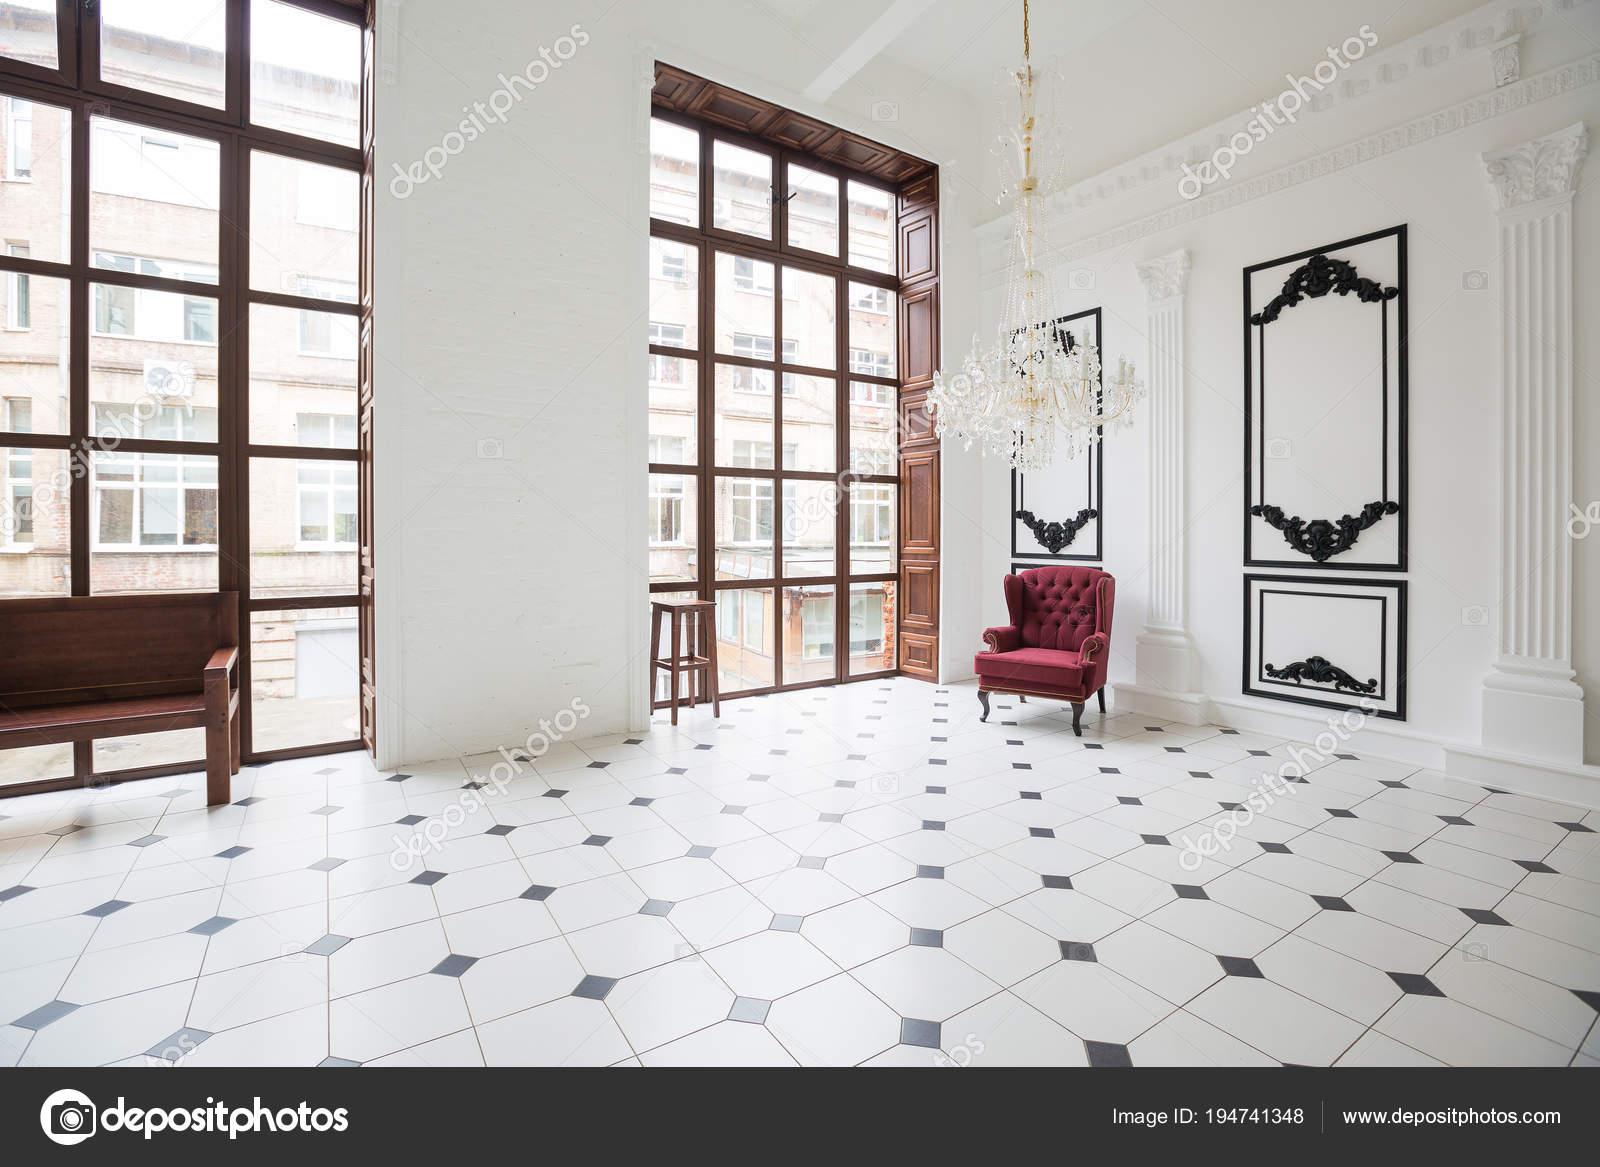 Zwart Wit Tegels : Enorme luxe witte zaal met uniek interieur zwart wit tegels